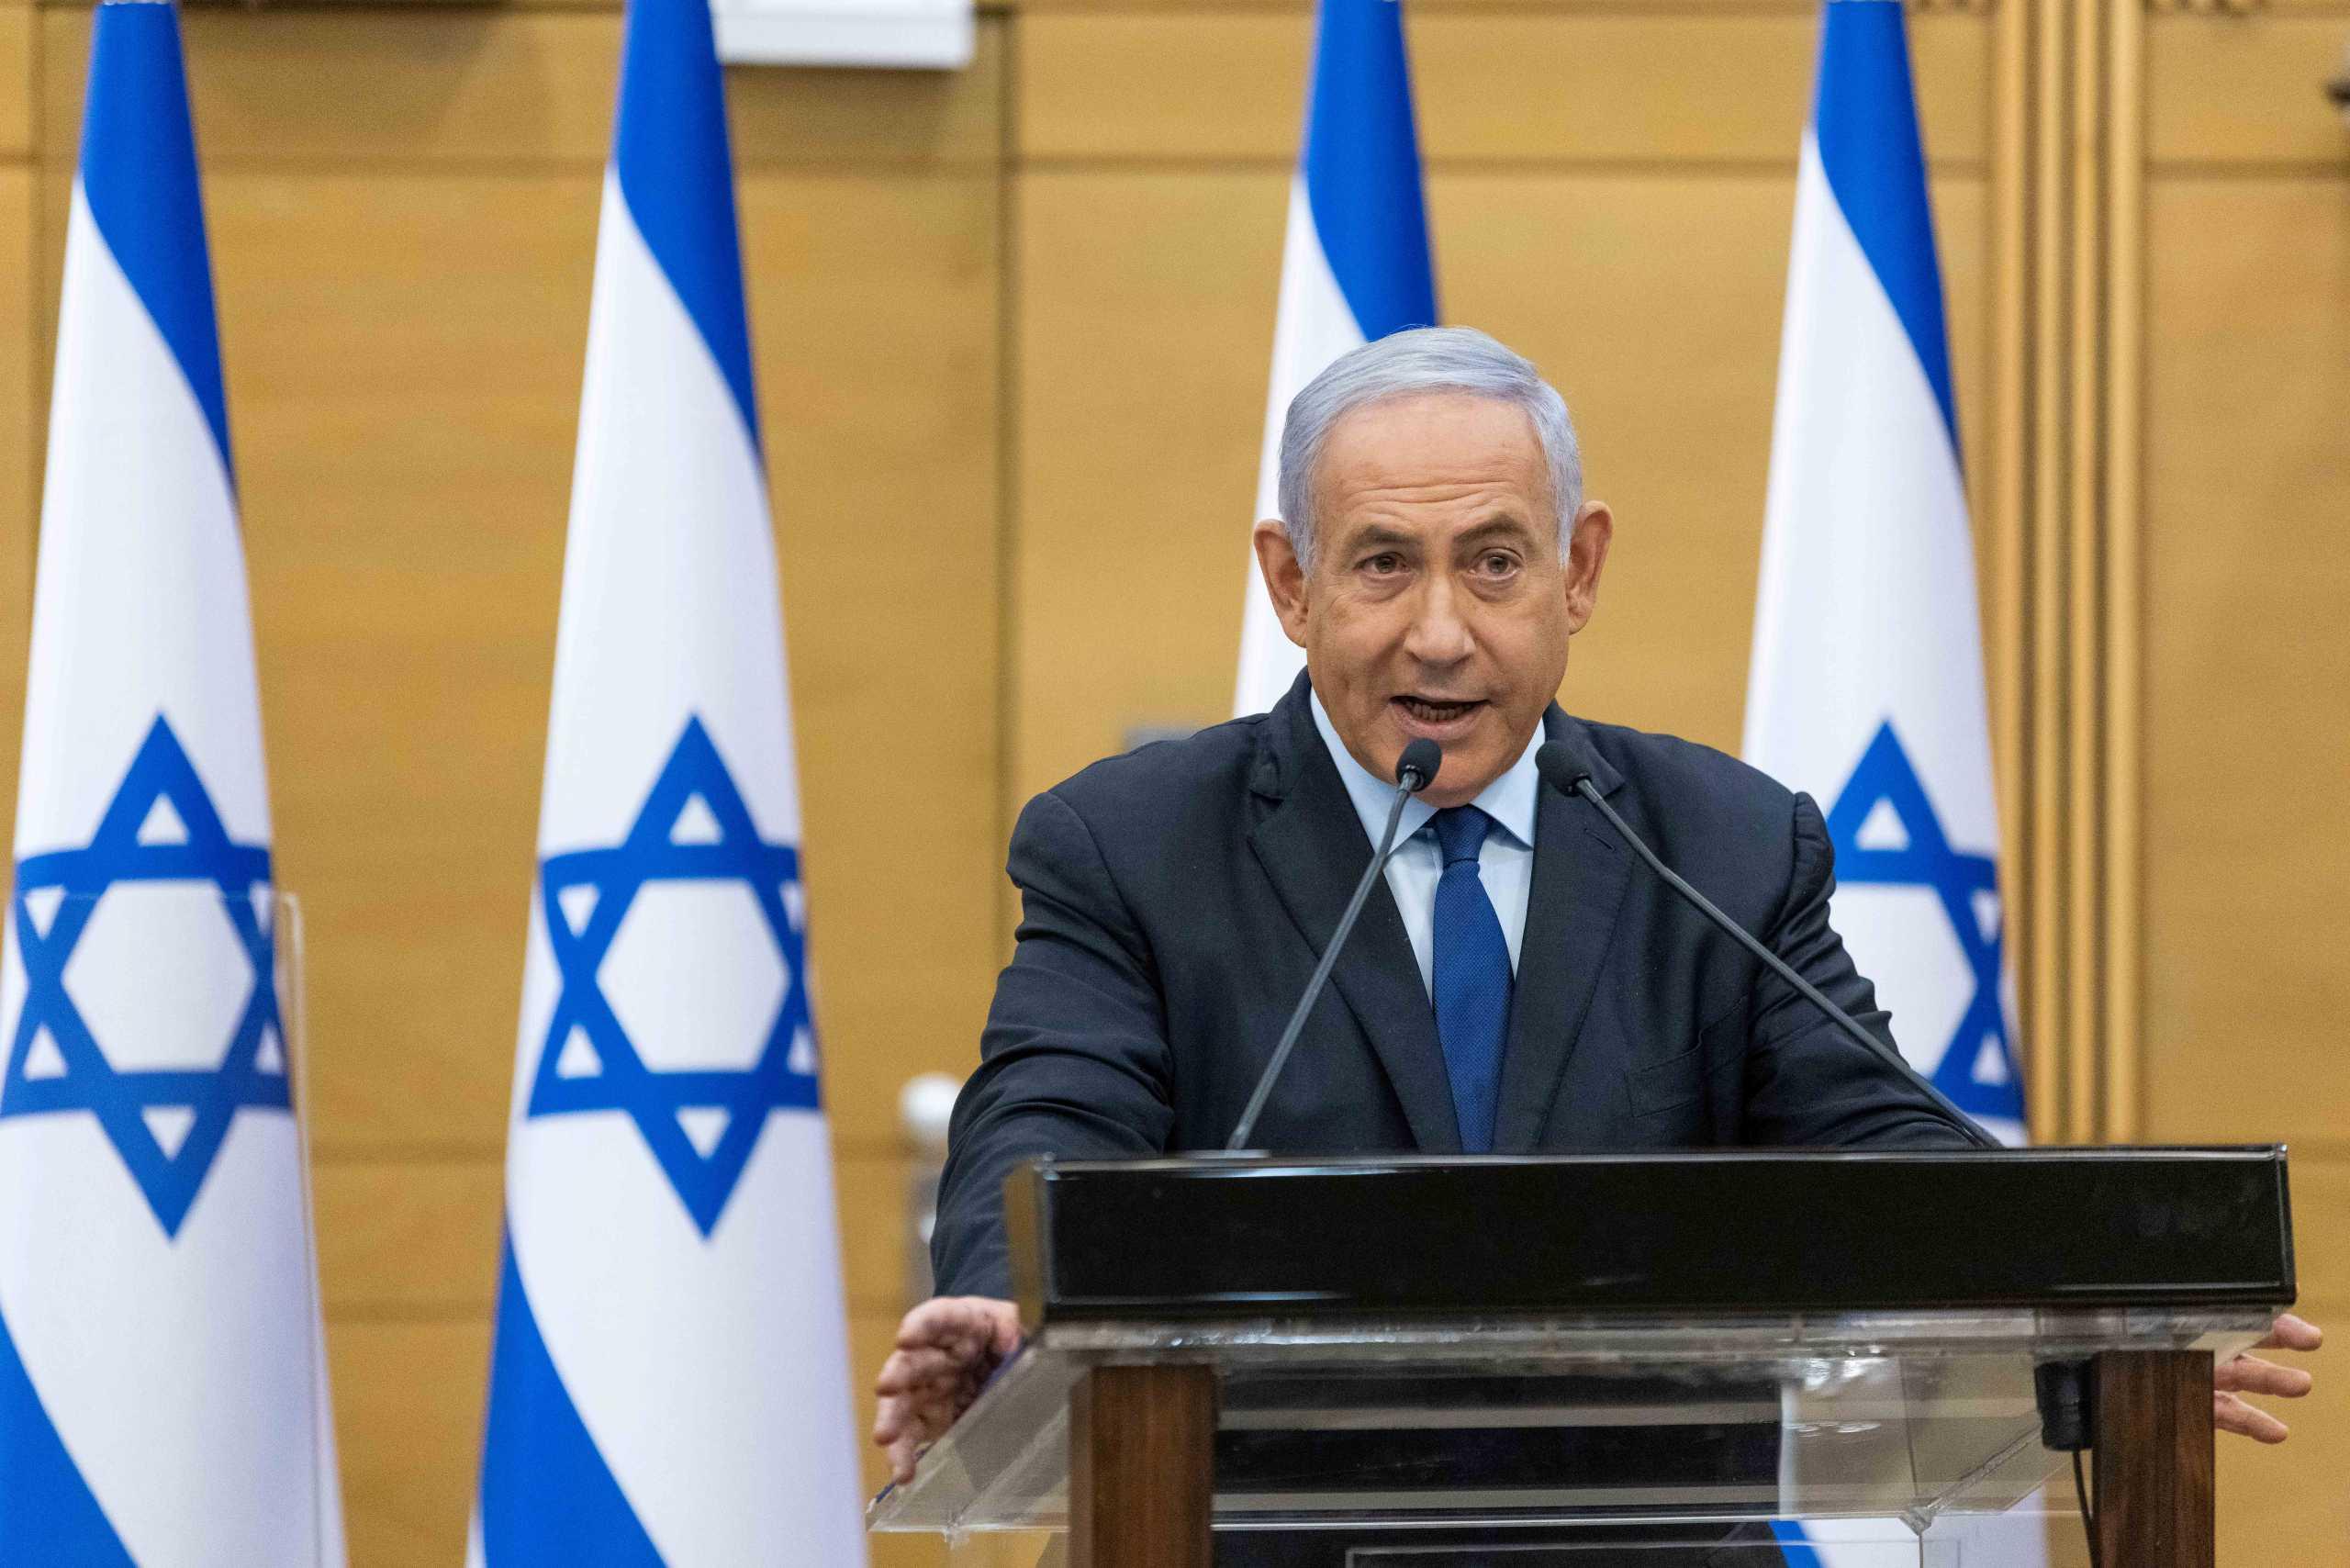 Ισραήλ: Μαραθώνιες διαπραγματεύσεις για τον σχηματισμό κυβέρνησης αλλαγής